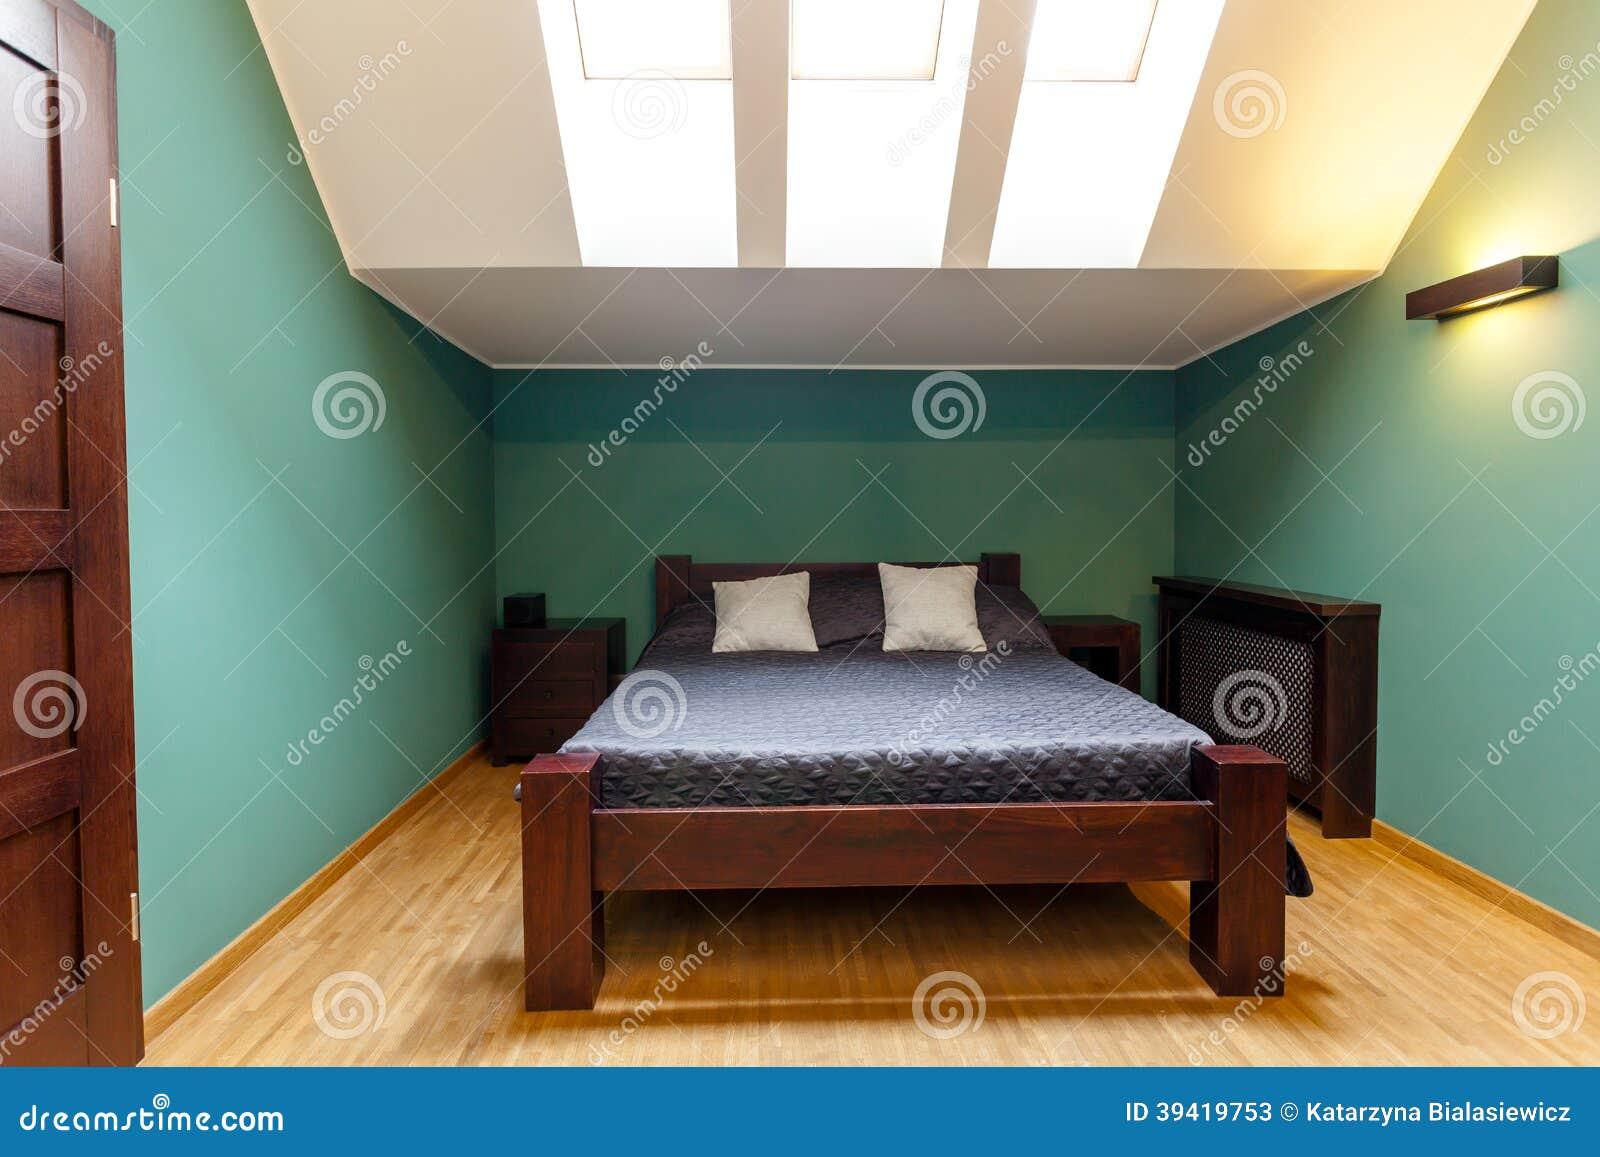 Camera Da Letto Parete Turchese : Camera da letto moderna nei colori del turchese immagine stock